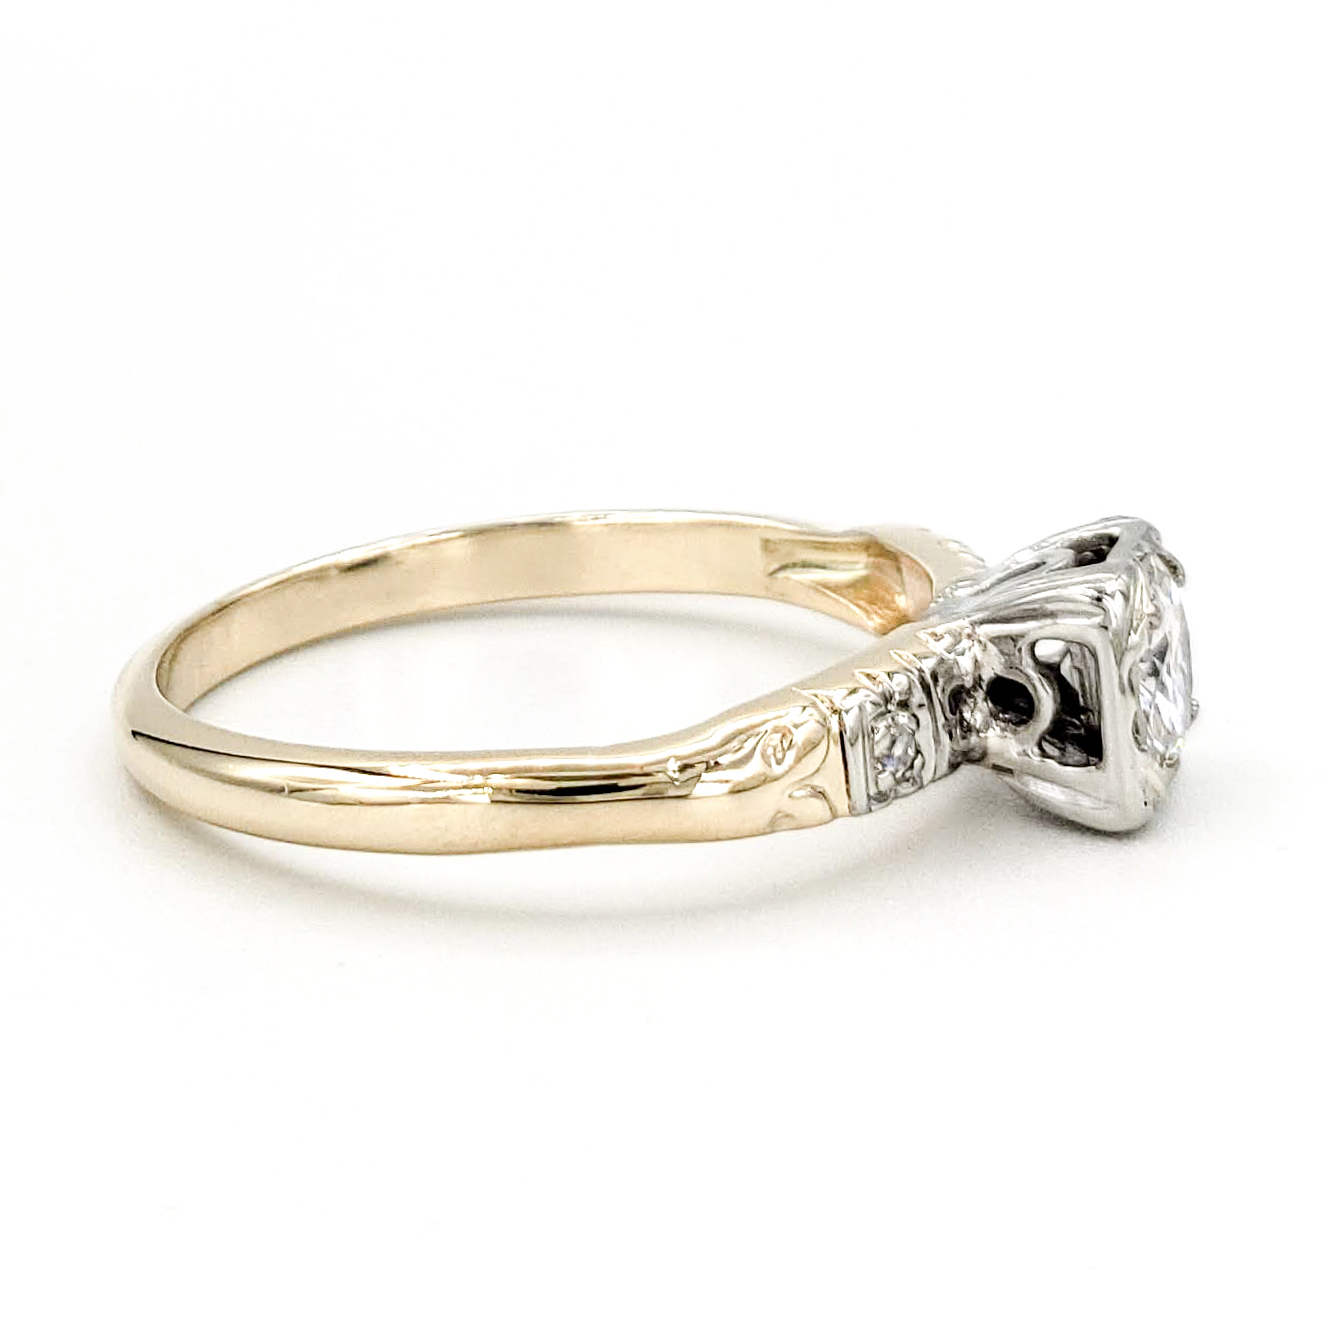 vintage-14-karat-gold-engagement-ring-with-0-34-carat-old-european-cut-diamond-egl-g-si1